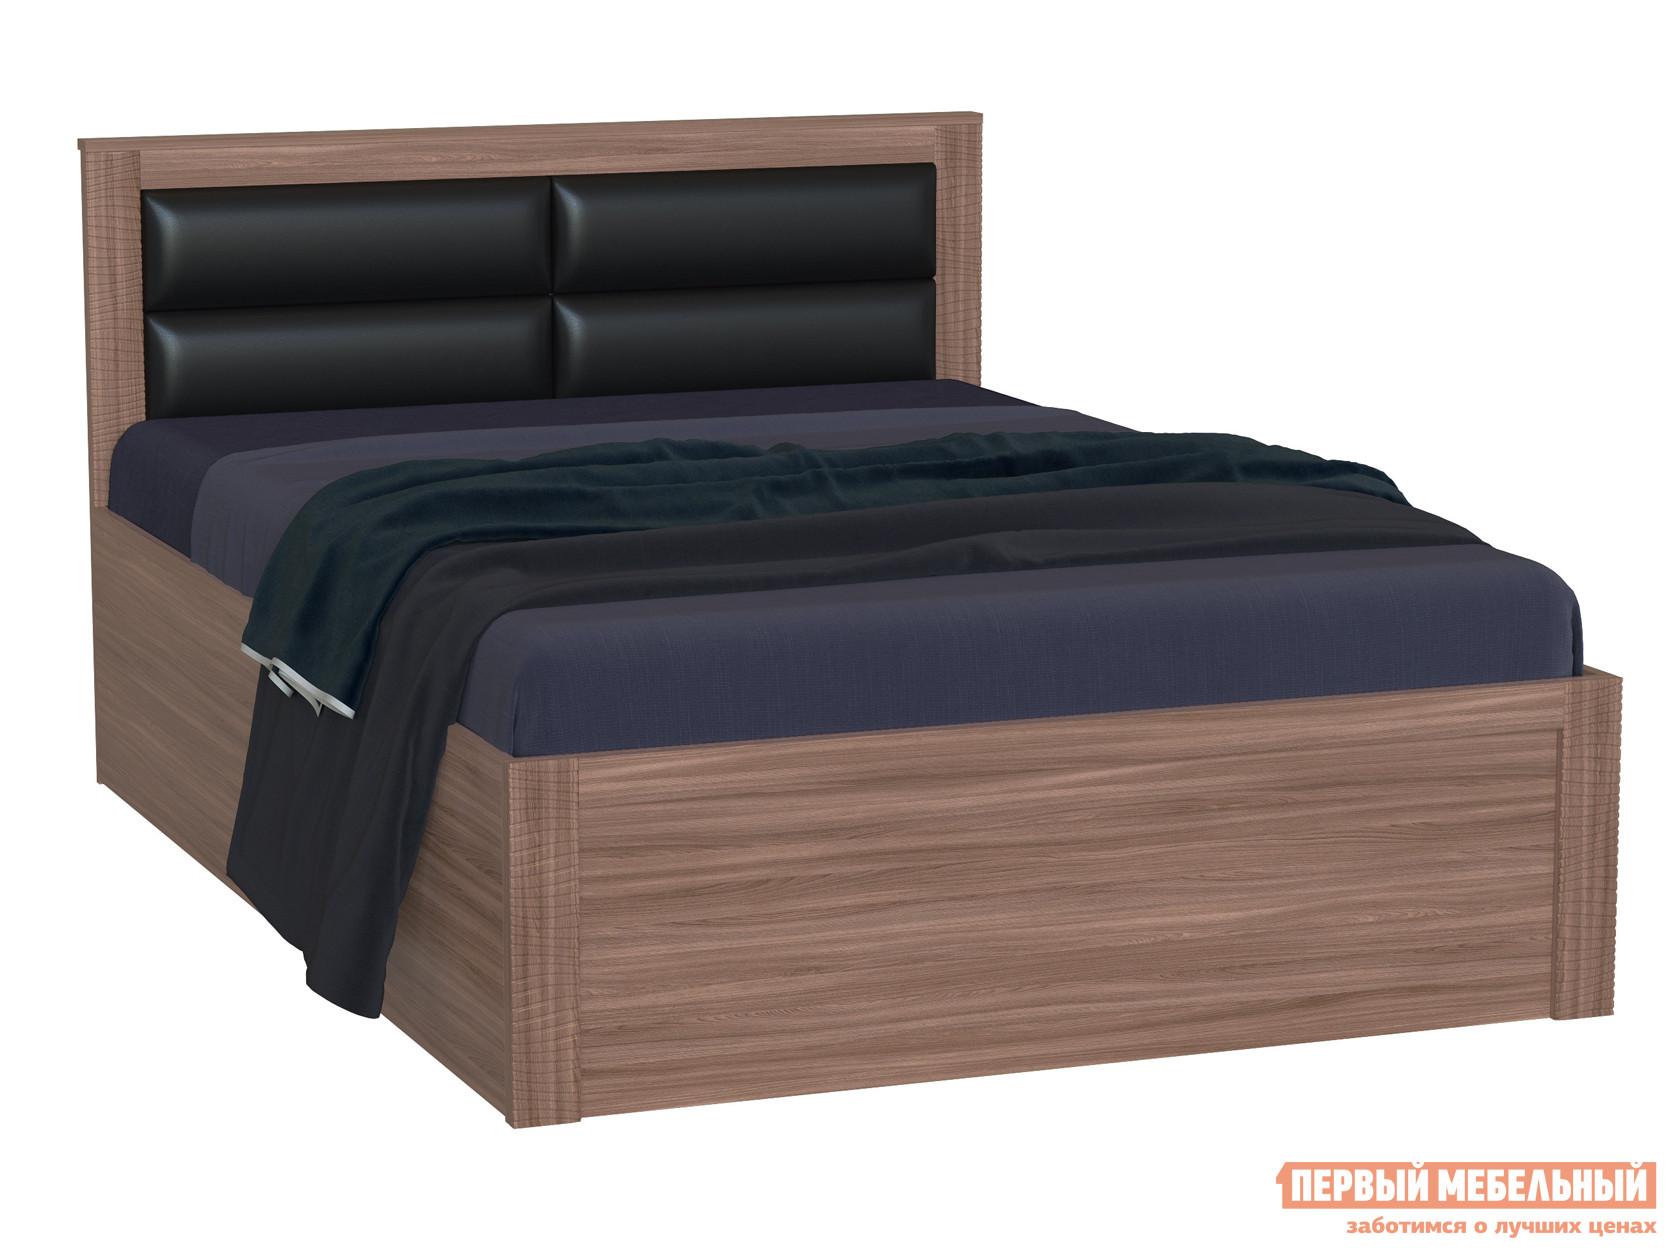 Двуспальная кровать РДМ Элегия Ясень шимо, 140х200